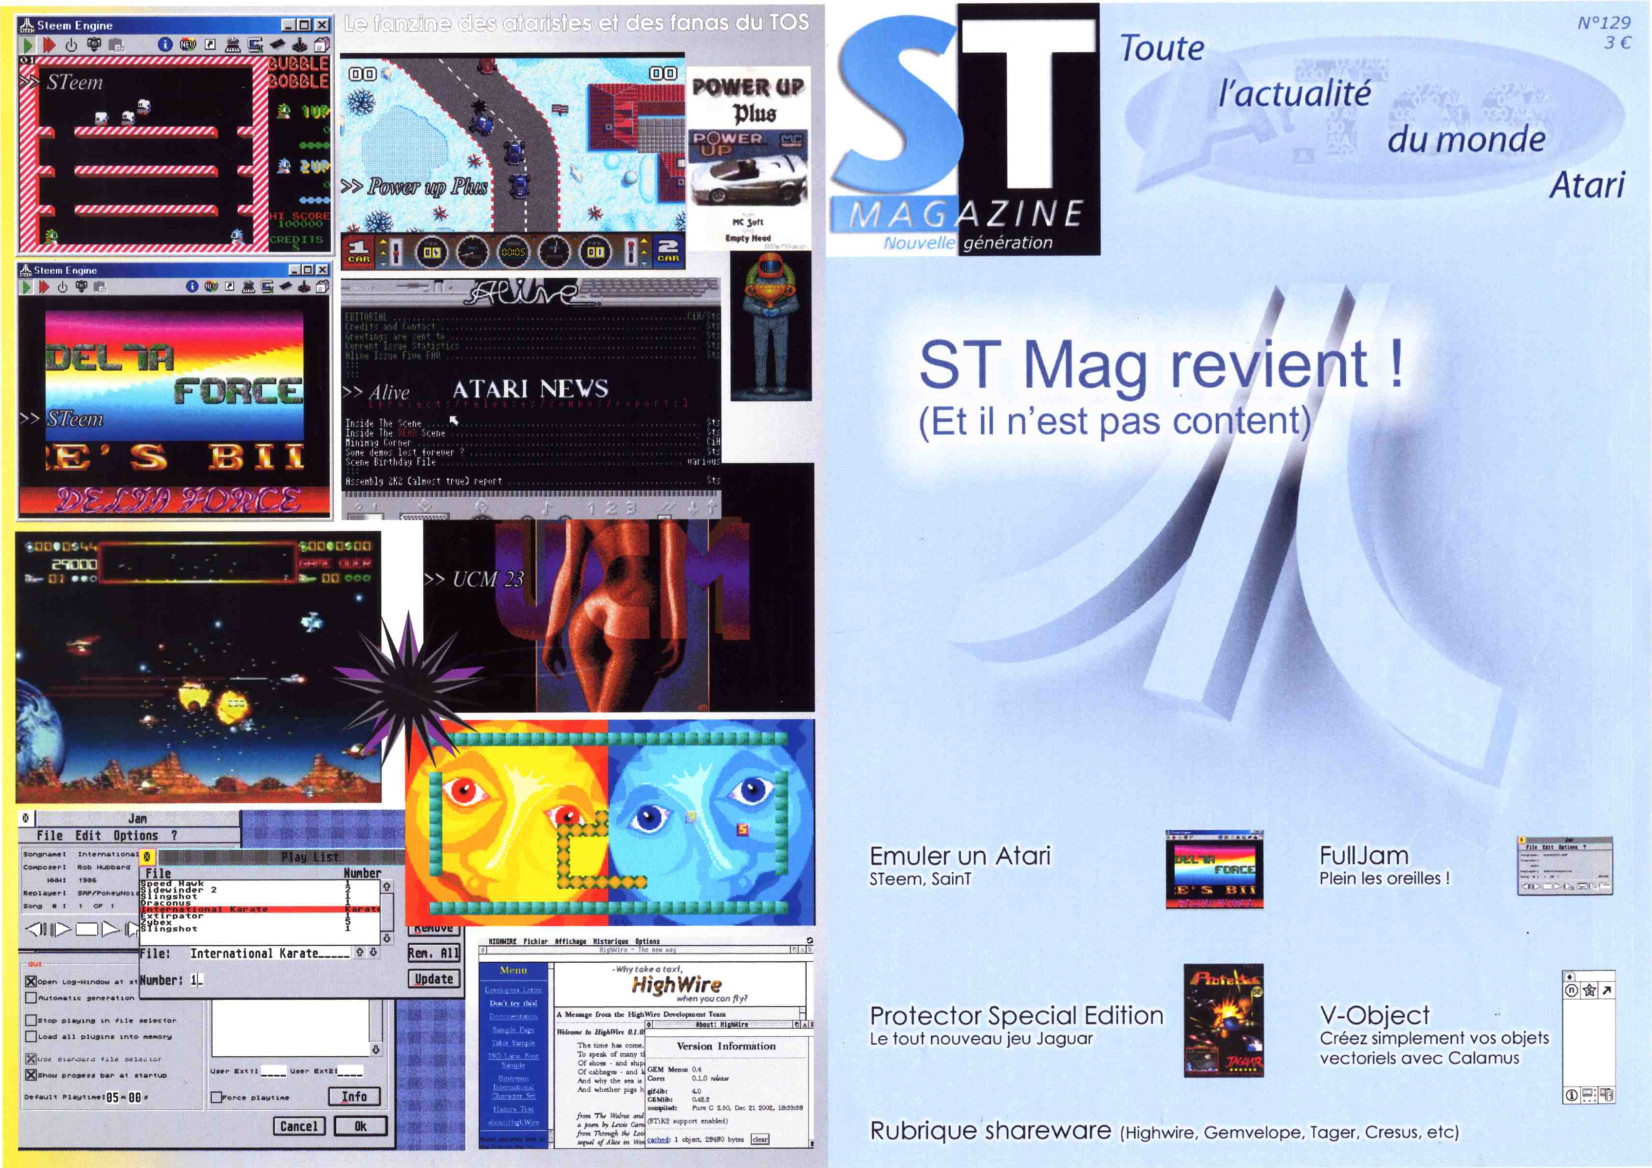 Atari ST Magazine